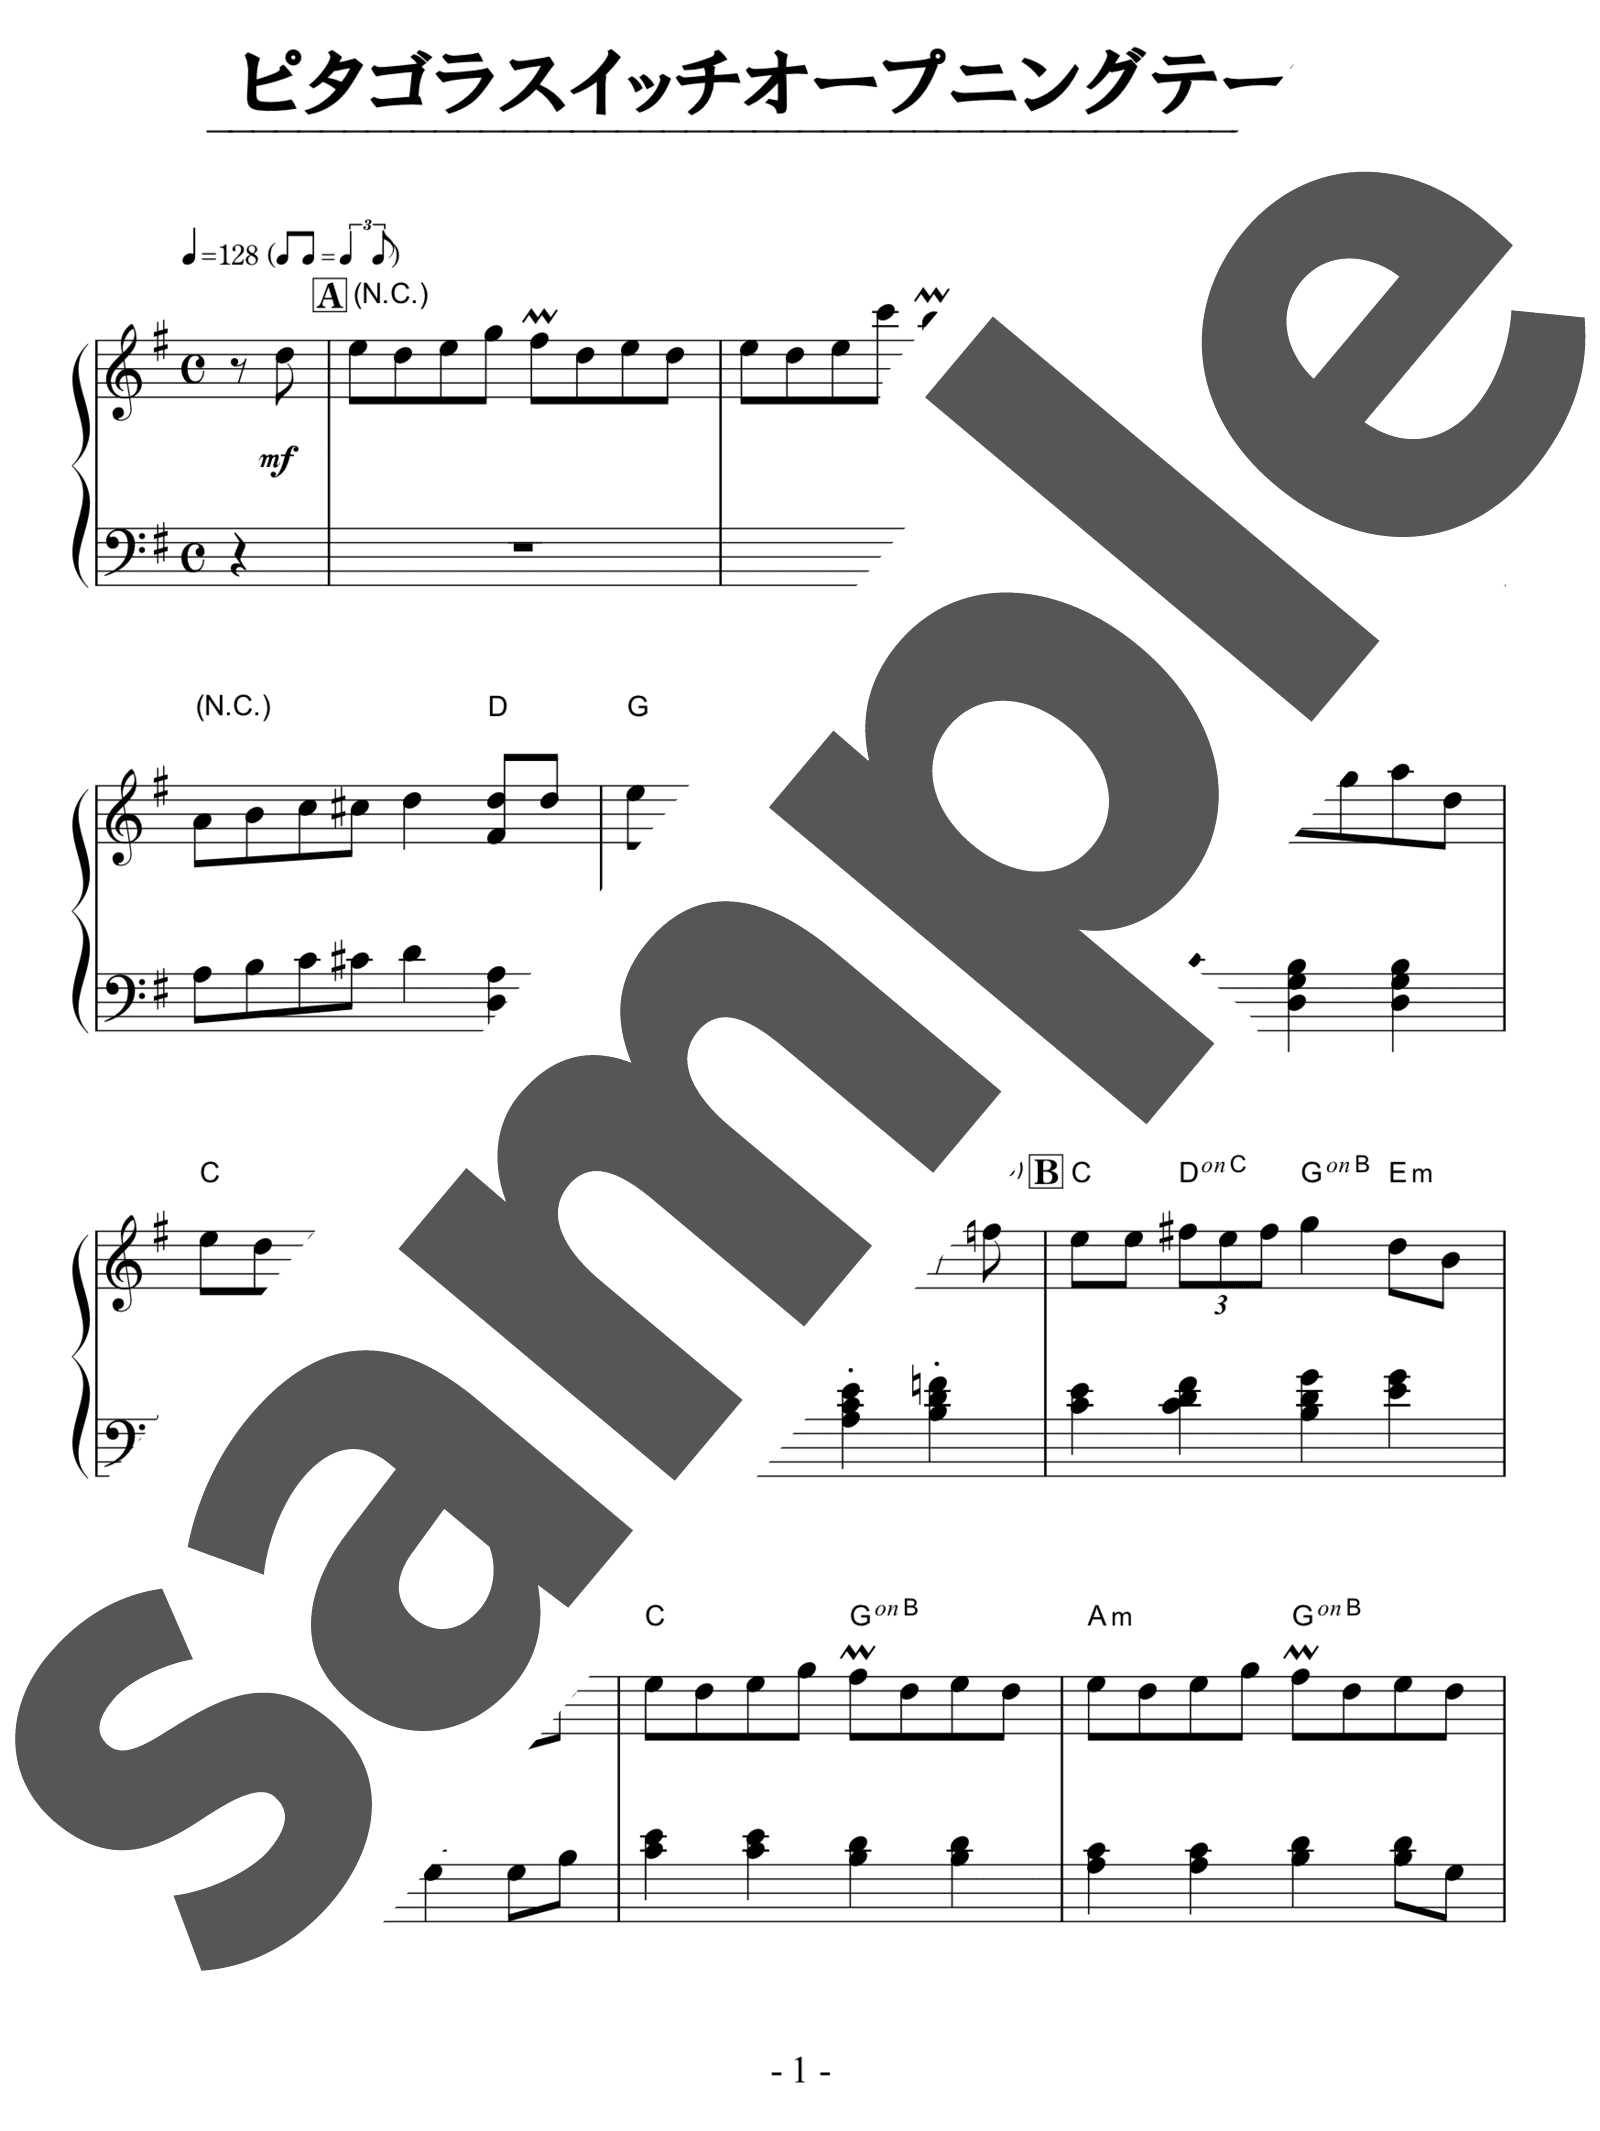 「ピタゴラスイッチオープニングテーマ」のサンプル楽譜